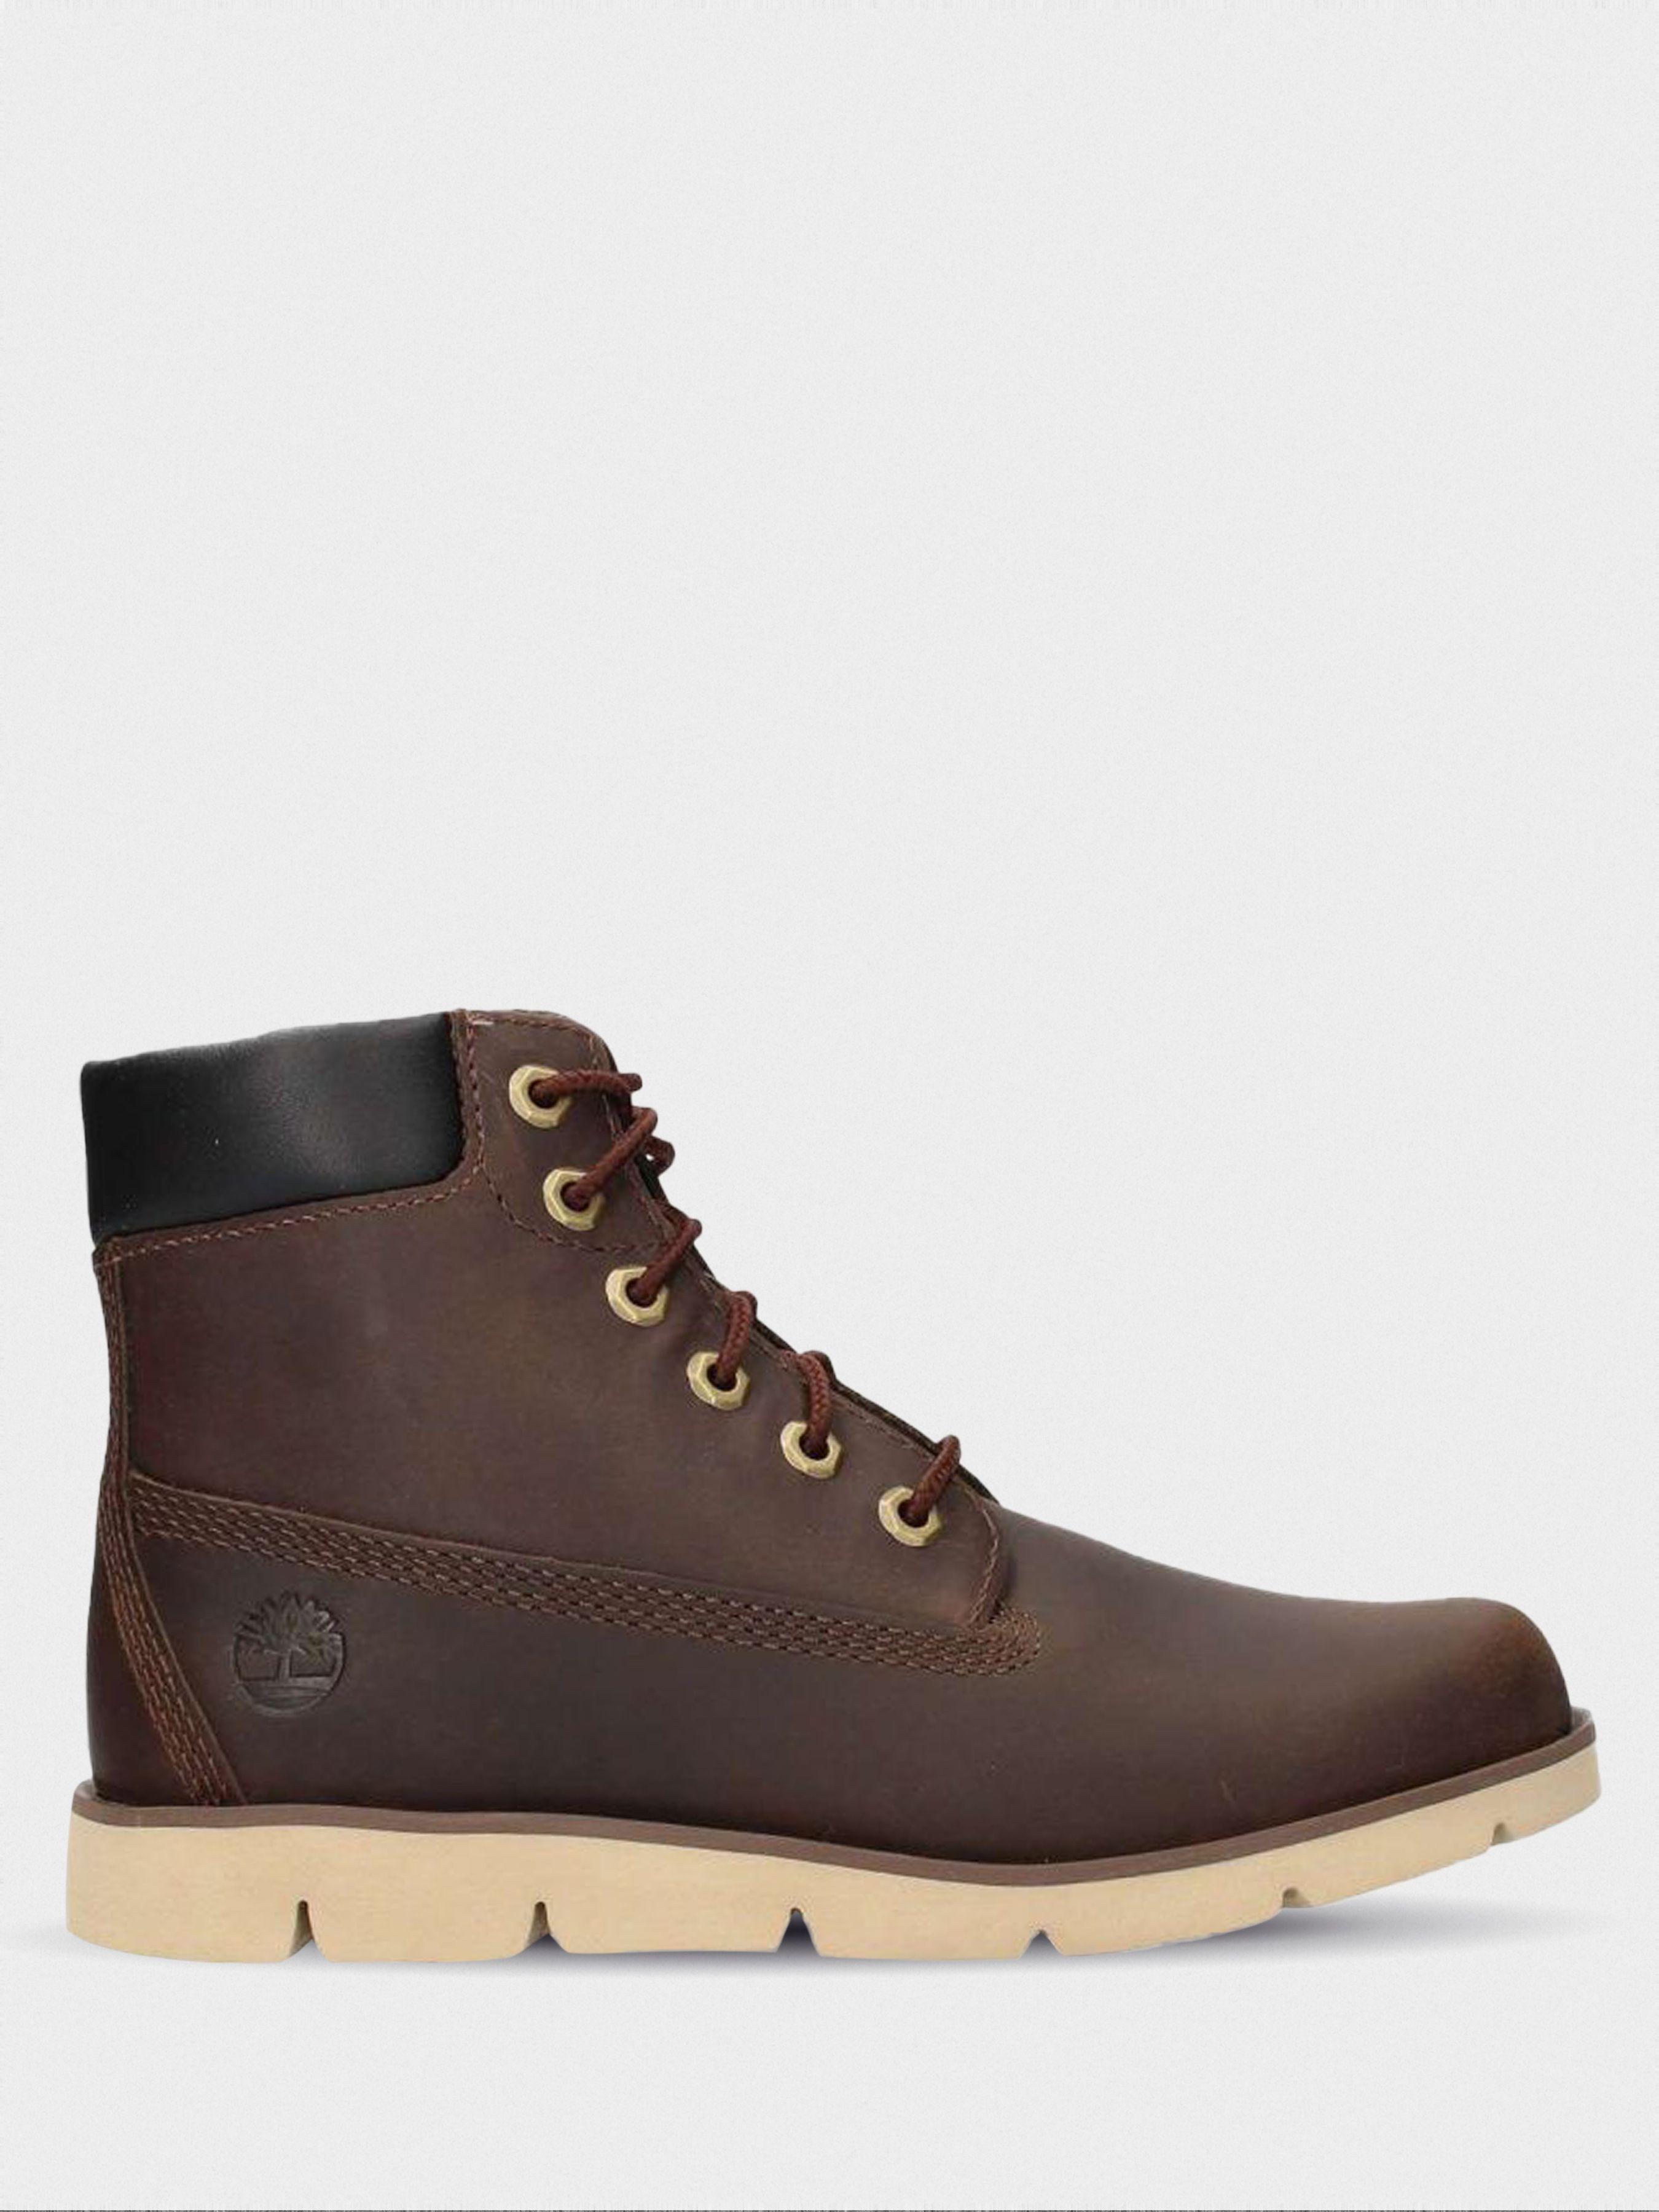 2fc41bce57c4 Ботинки детские Timberland Radford TL1669 брендовая обувь, 2017